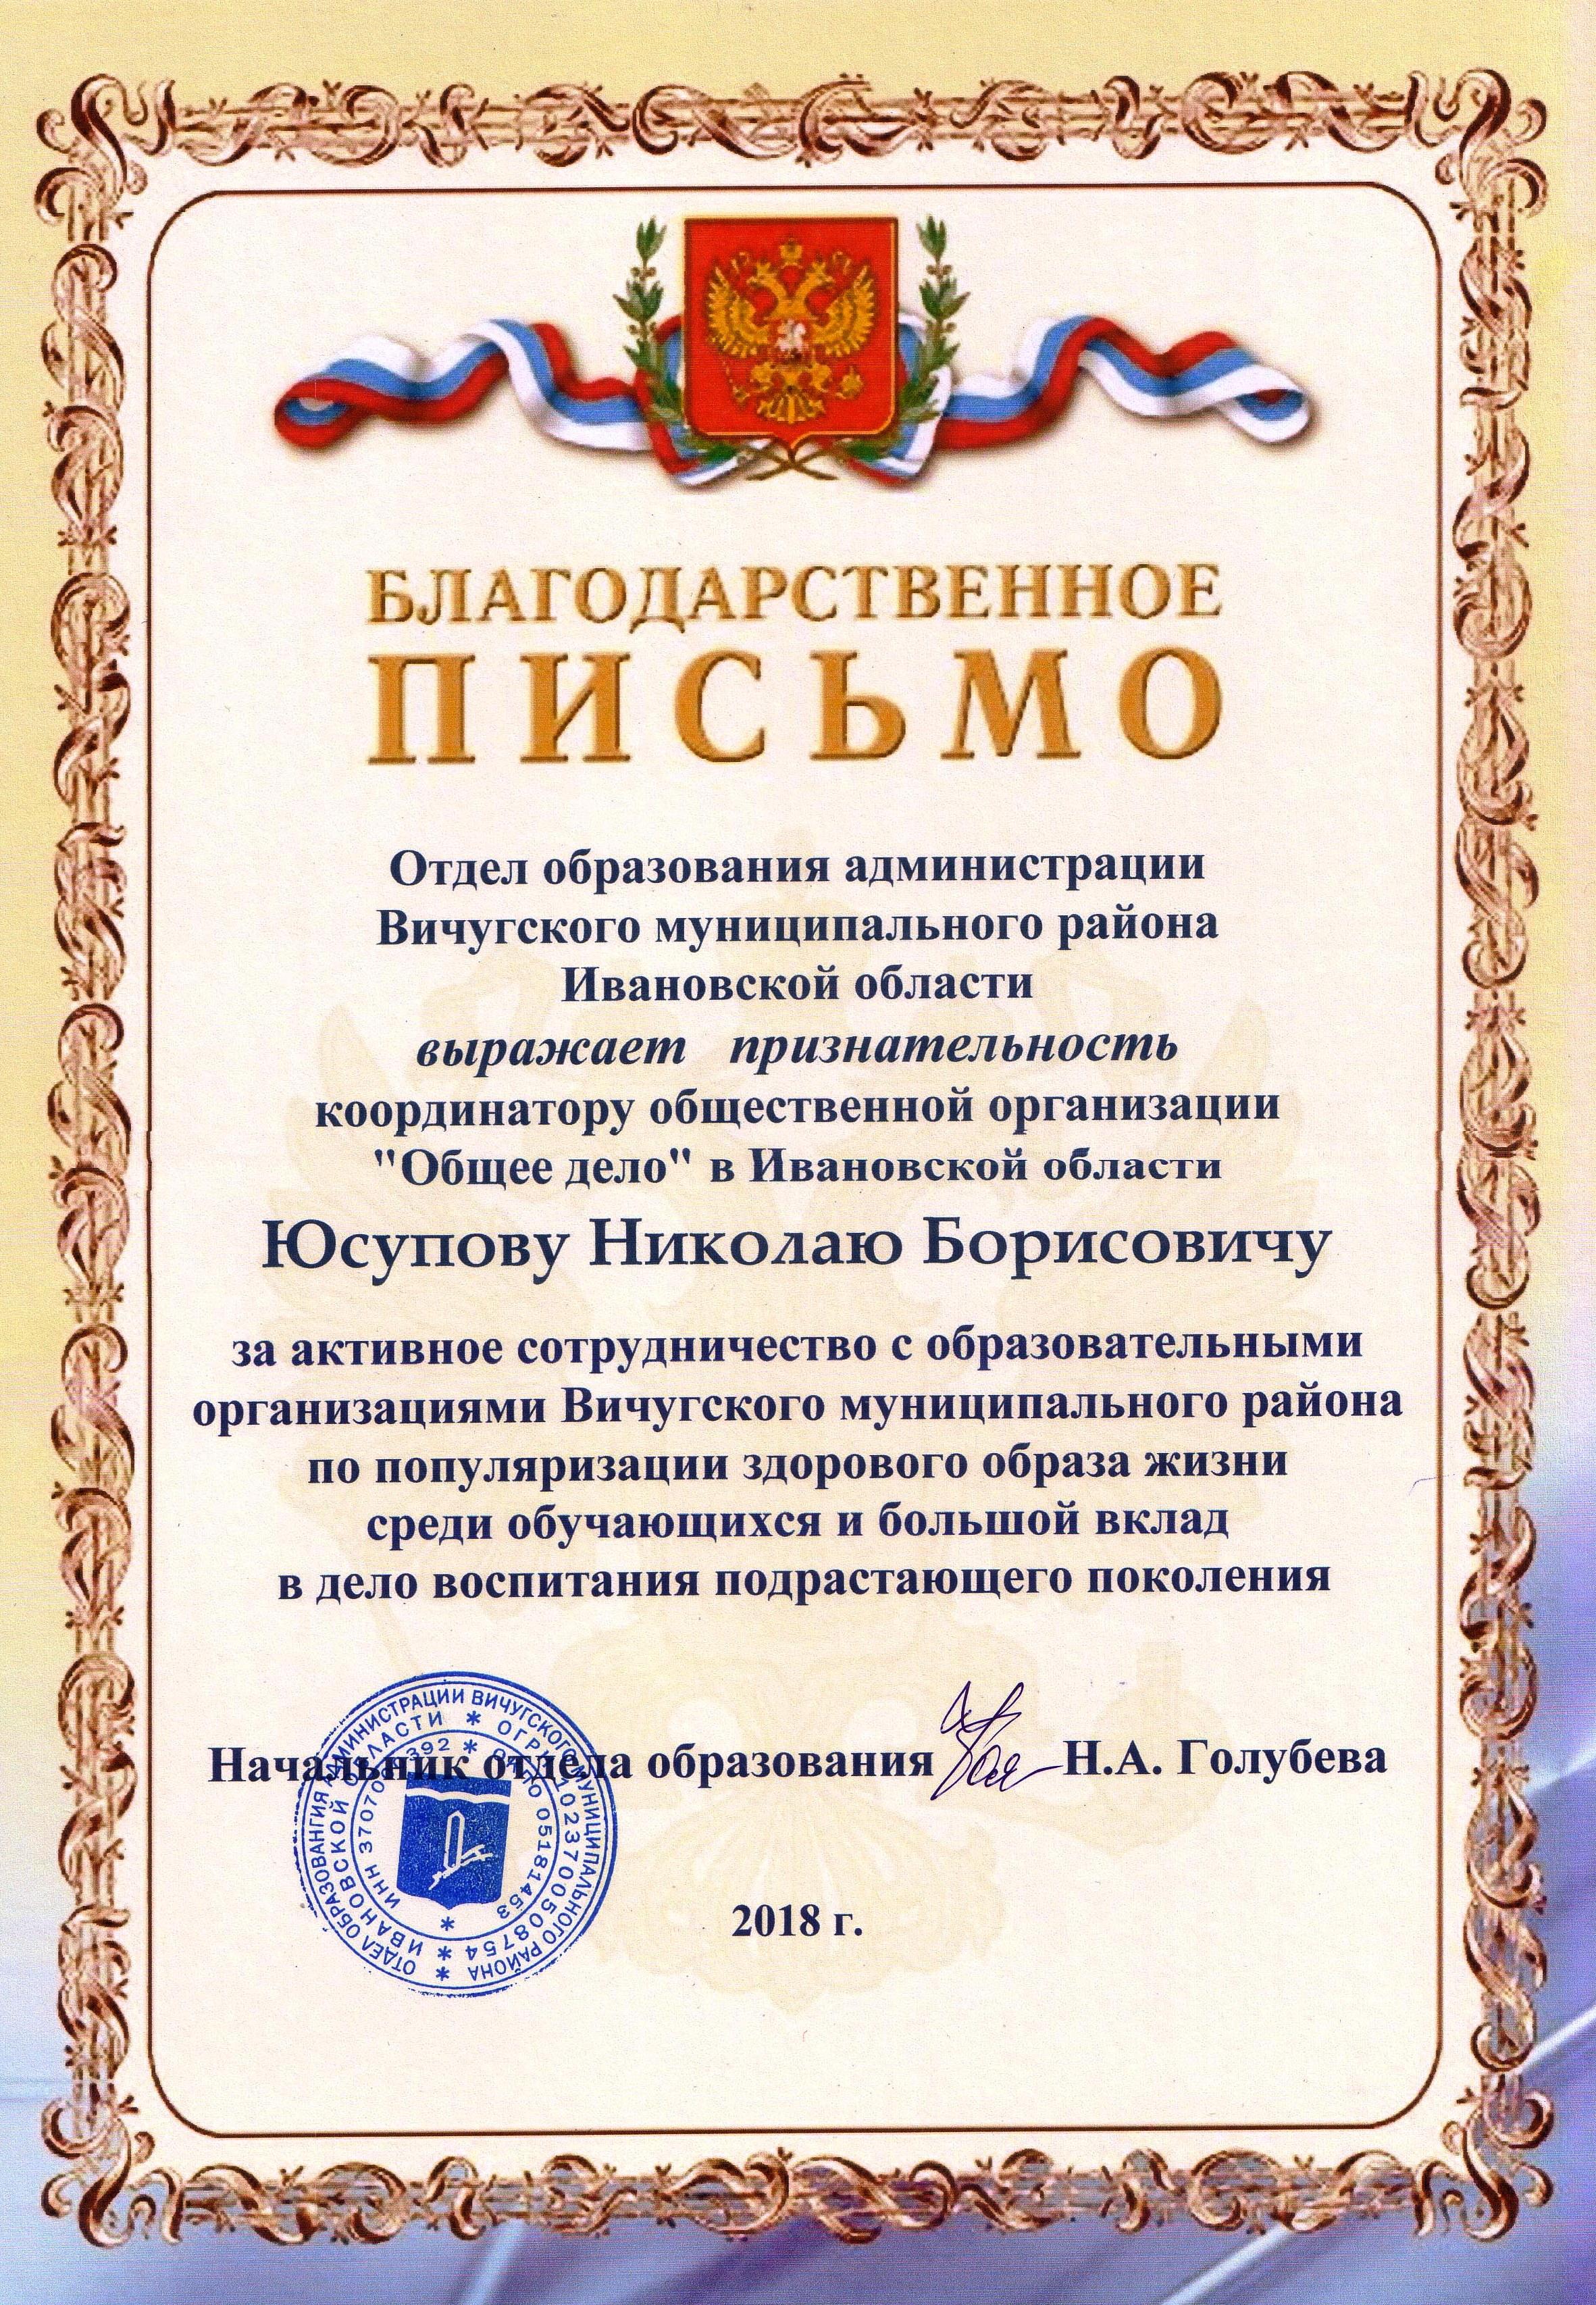 """Благодарность Ивановскому отделению ОО """"Общее дело"""""""